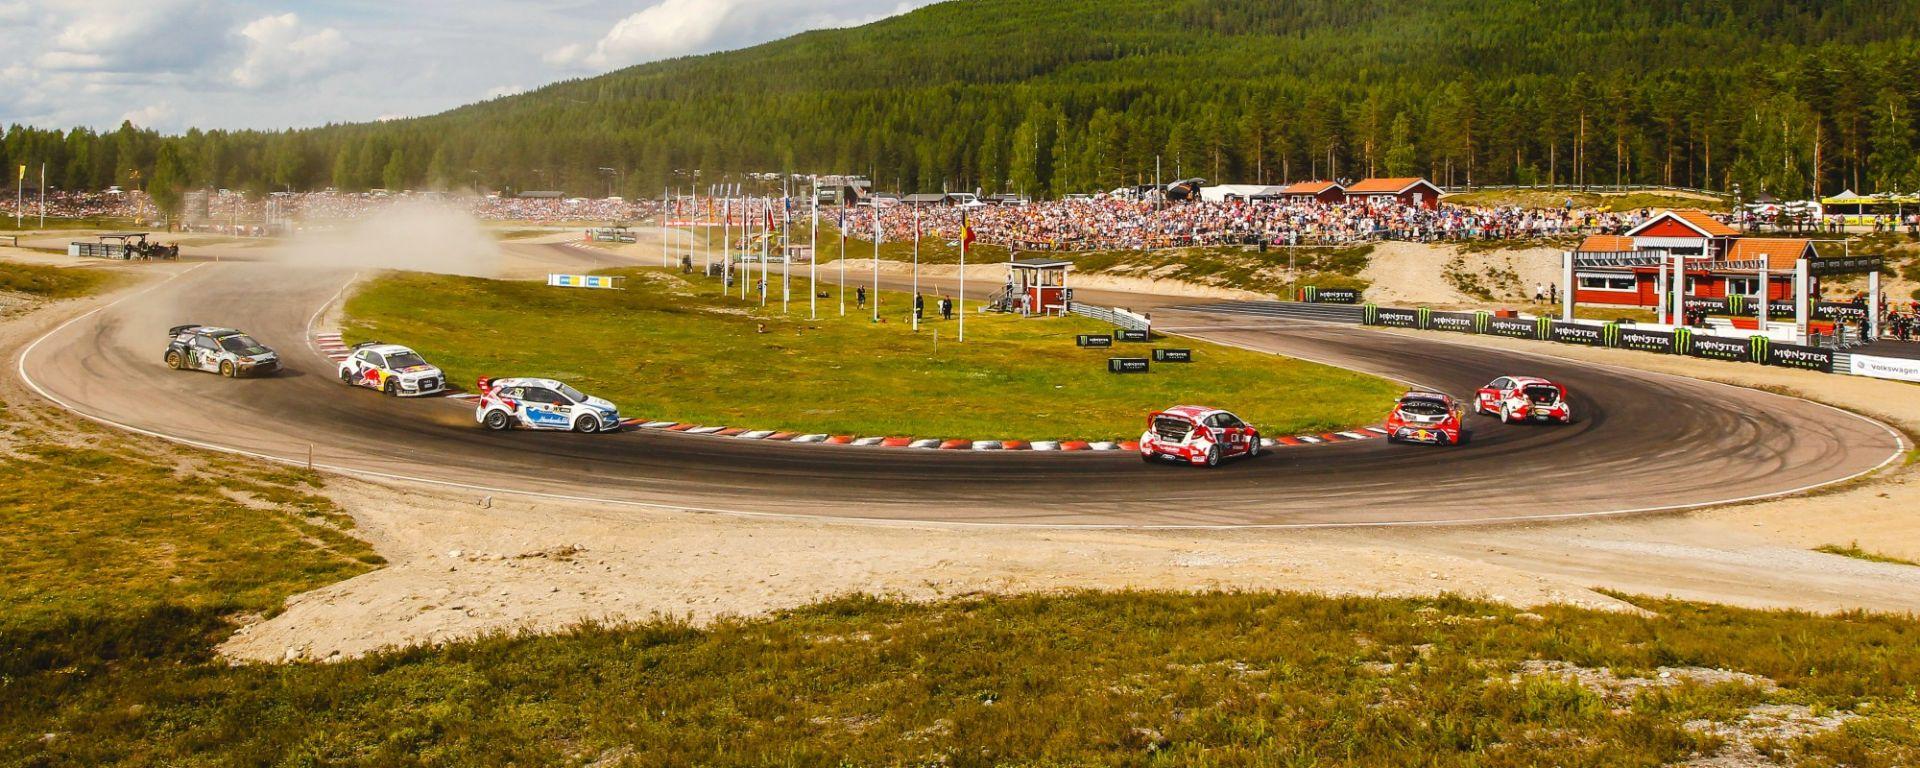 Rallycross 2018: GP Svezia Holjes - Info, risultati, programma, orari